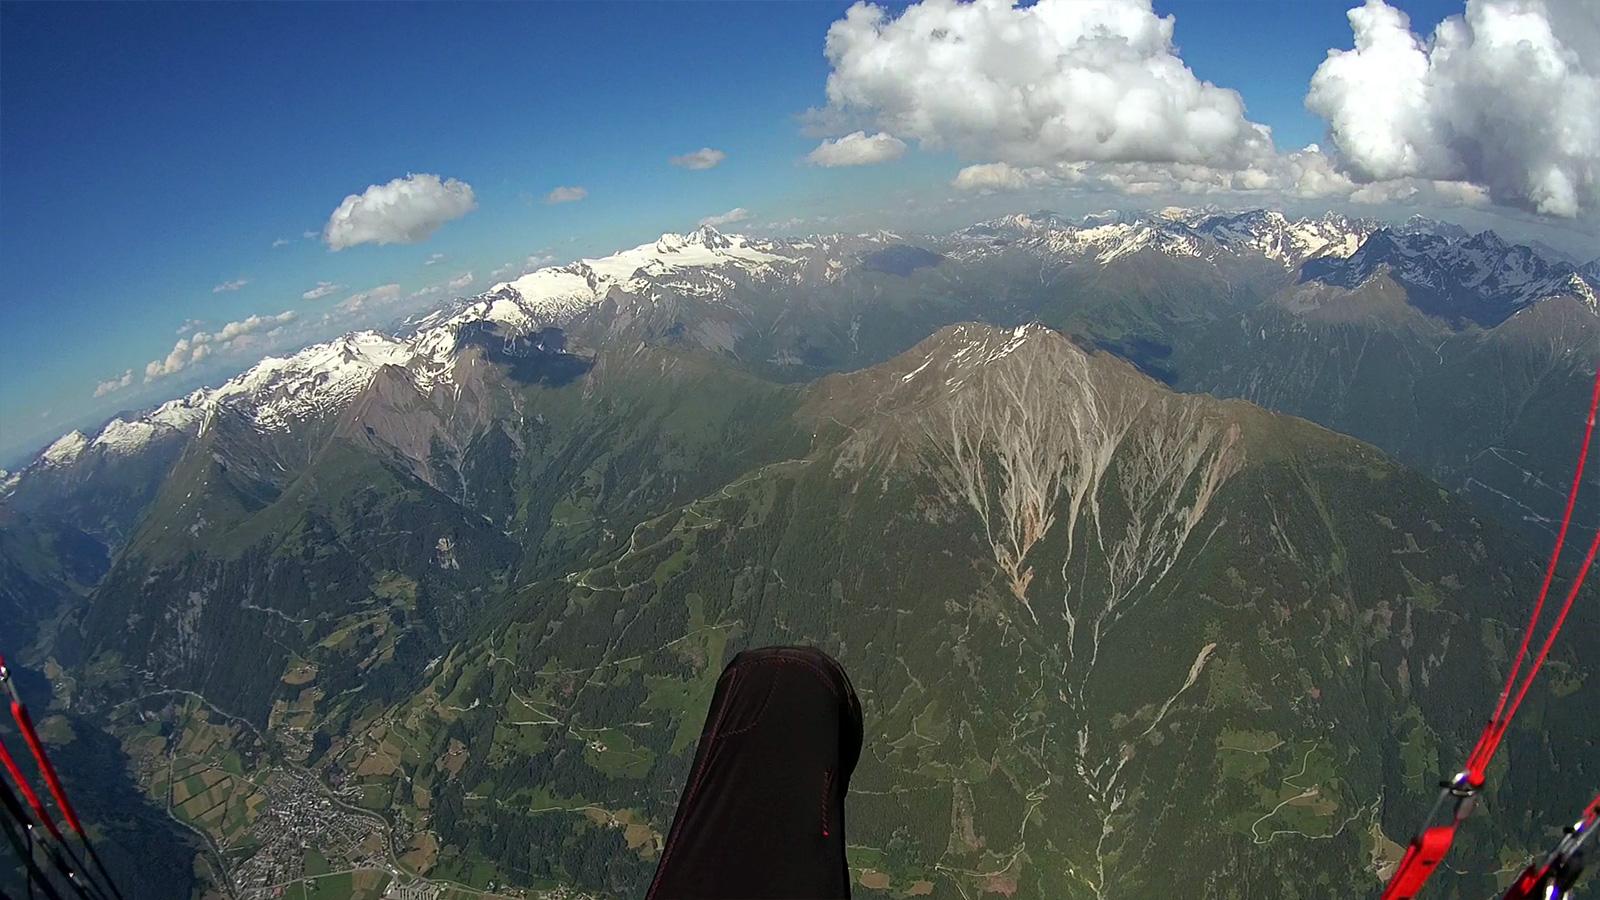 Anflug auf den Rotenkogel oberhalb Kals – den Anblick kannte ich bisher nur aus völlig anderer Perspektive. Im Hintergrund blitzt schon der Grossglockner hervor. Links unten: Matrei.